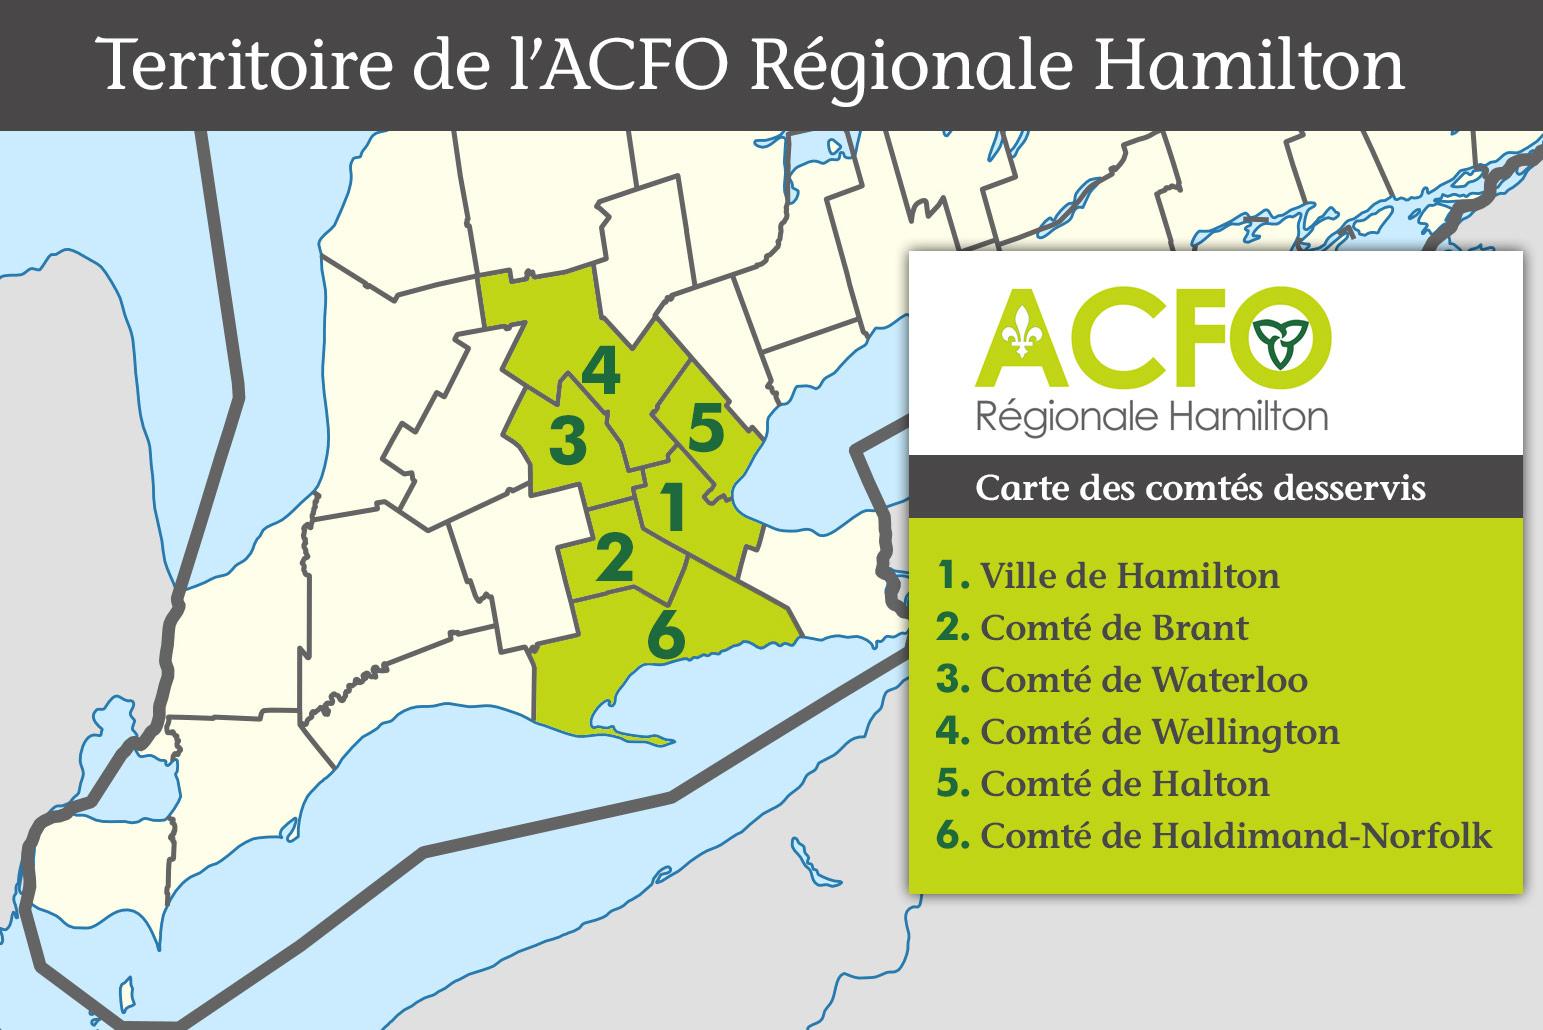 Territoire de l'ACFO Régionale Hamilton - carte des comtés desservis